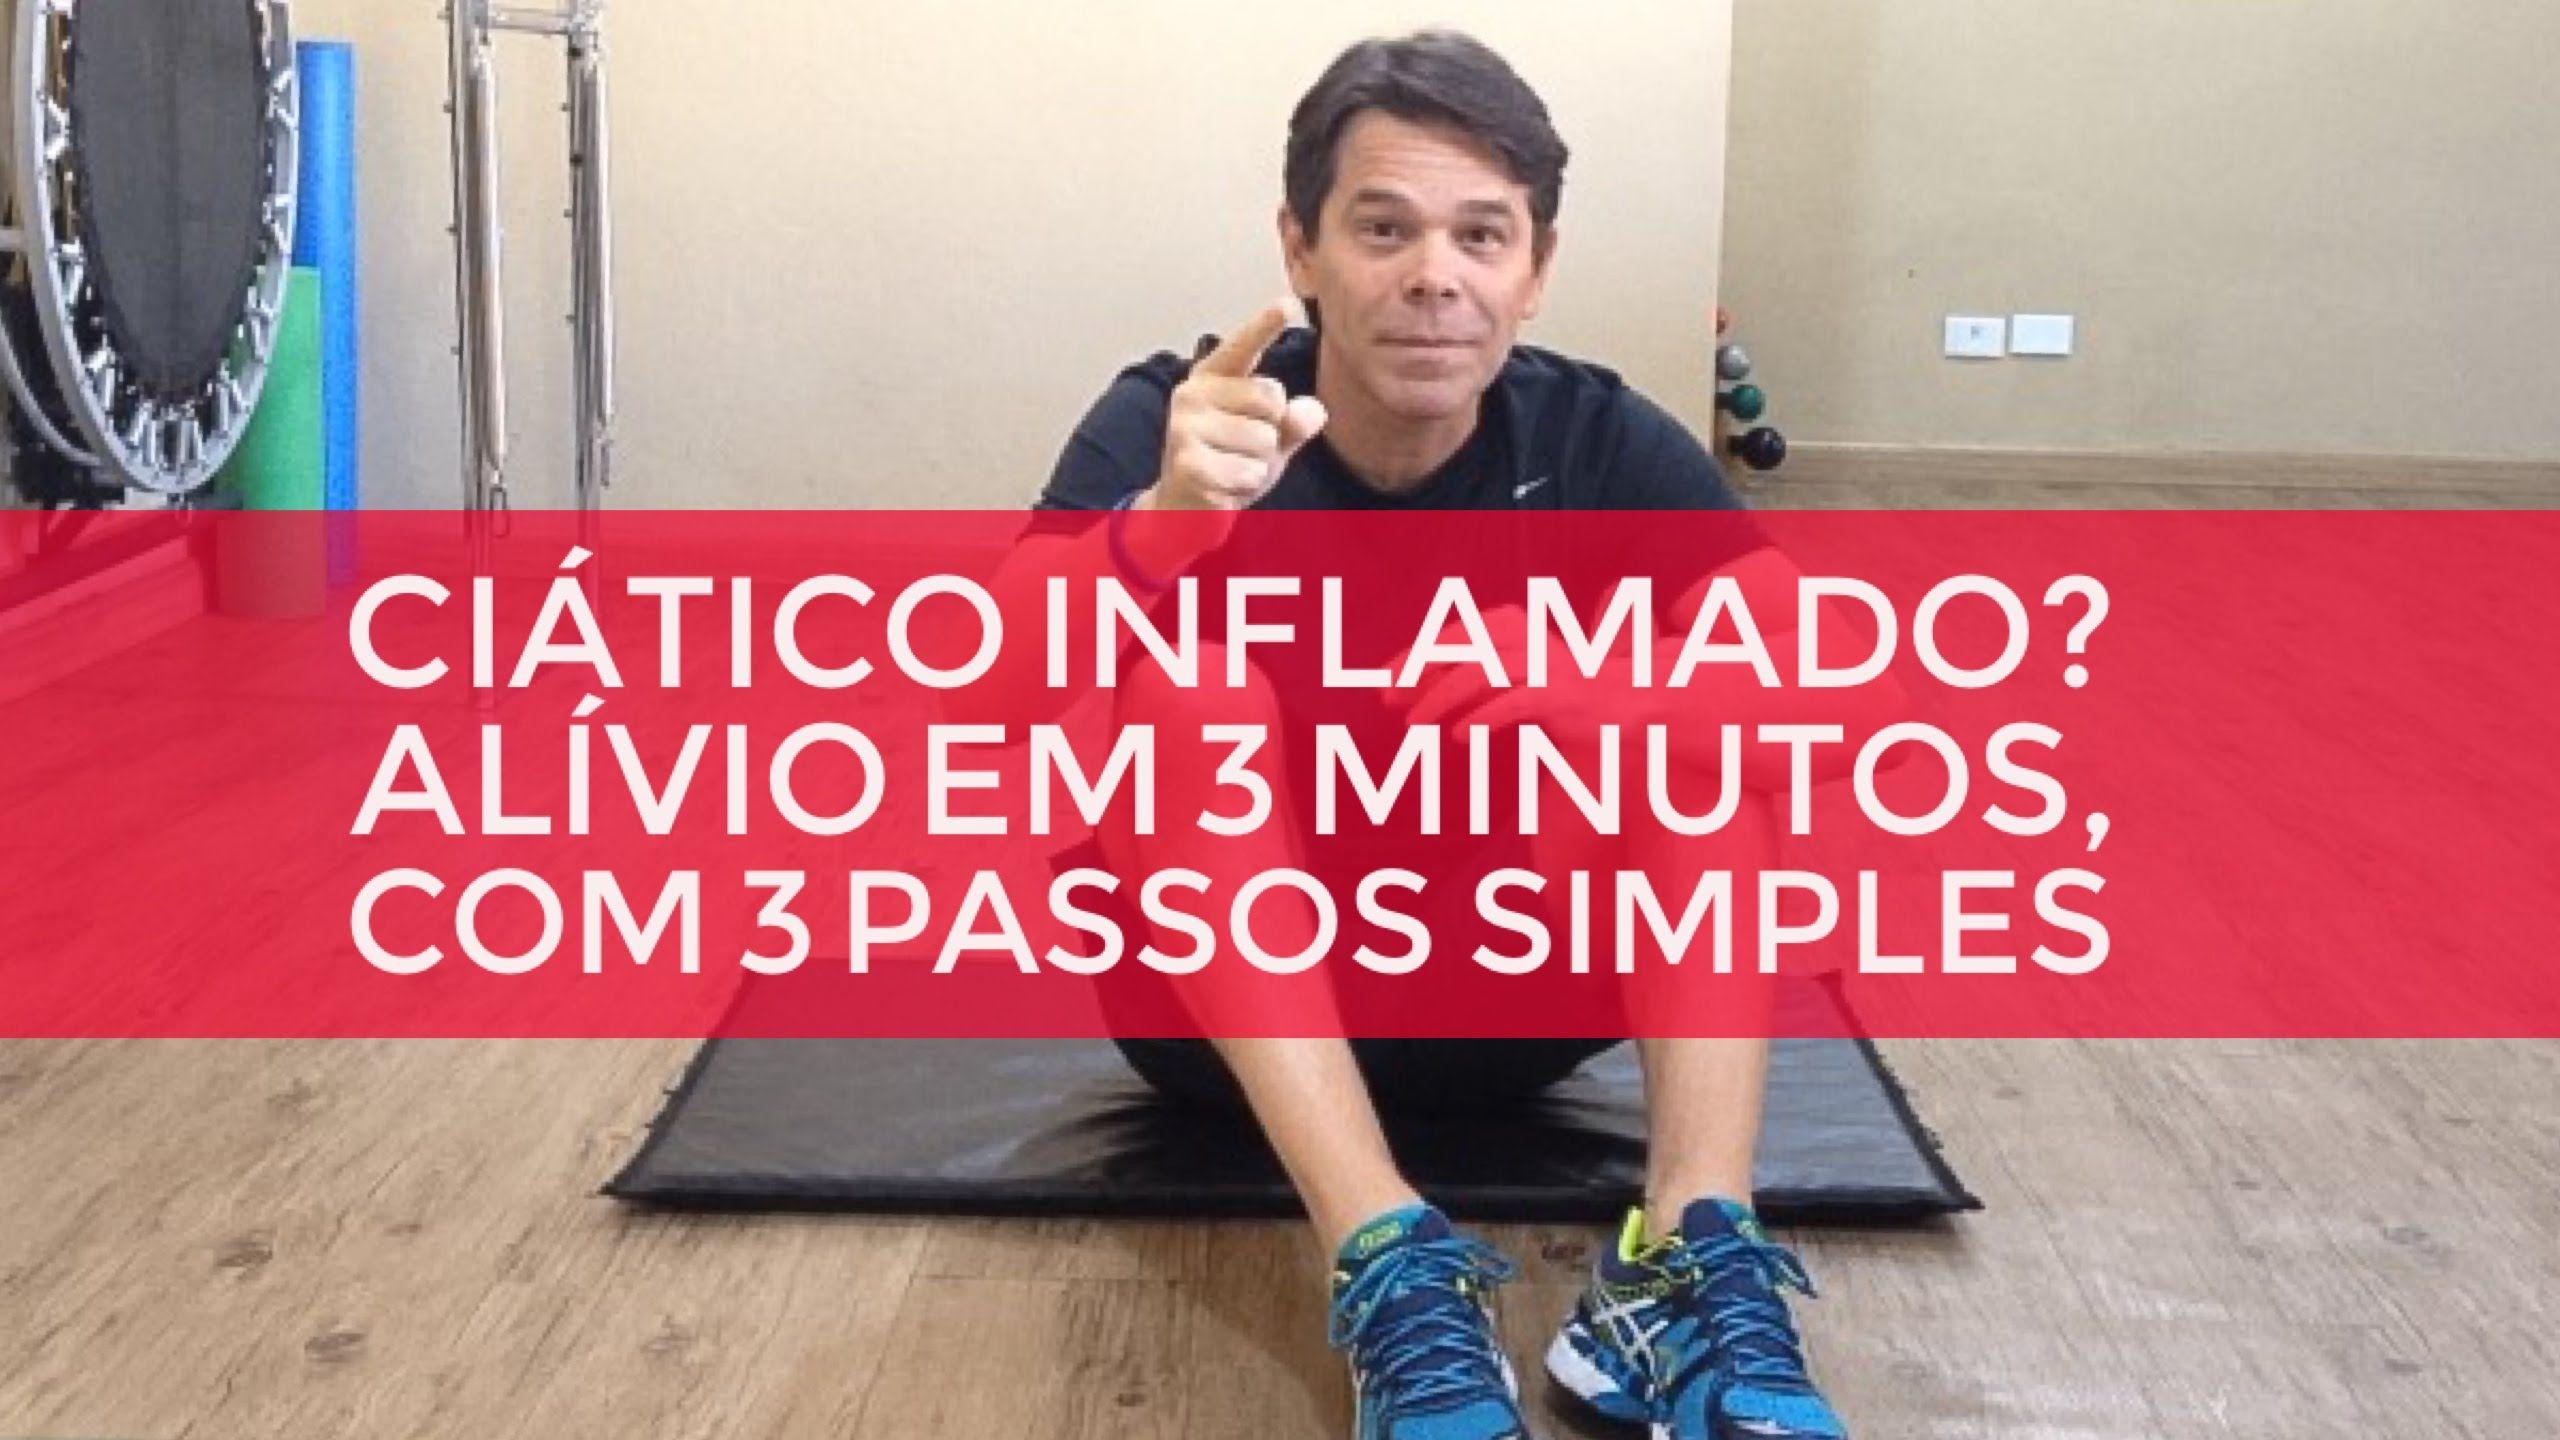 Ciatico Inflamado Alivio Em 3 Minutos Com 3 Passos Simples